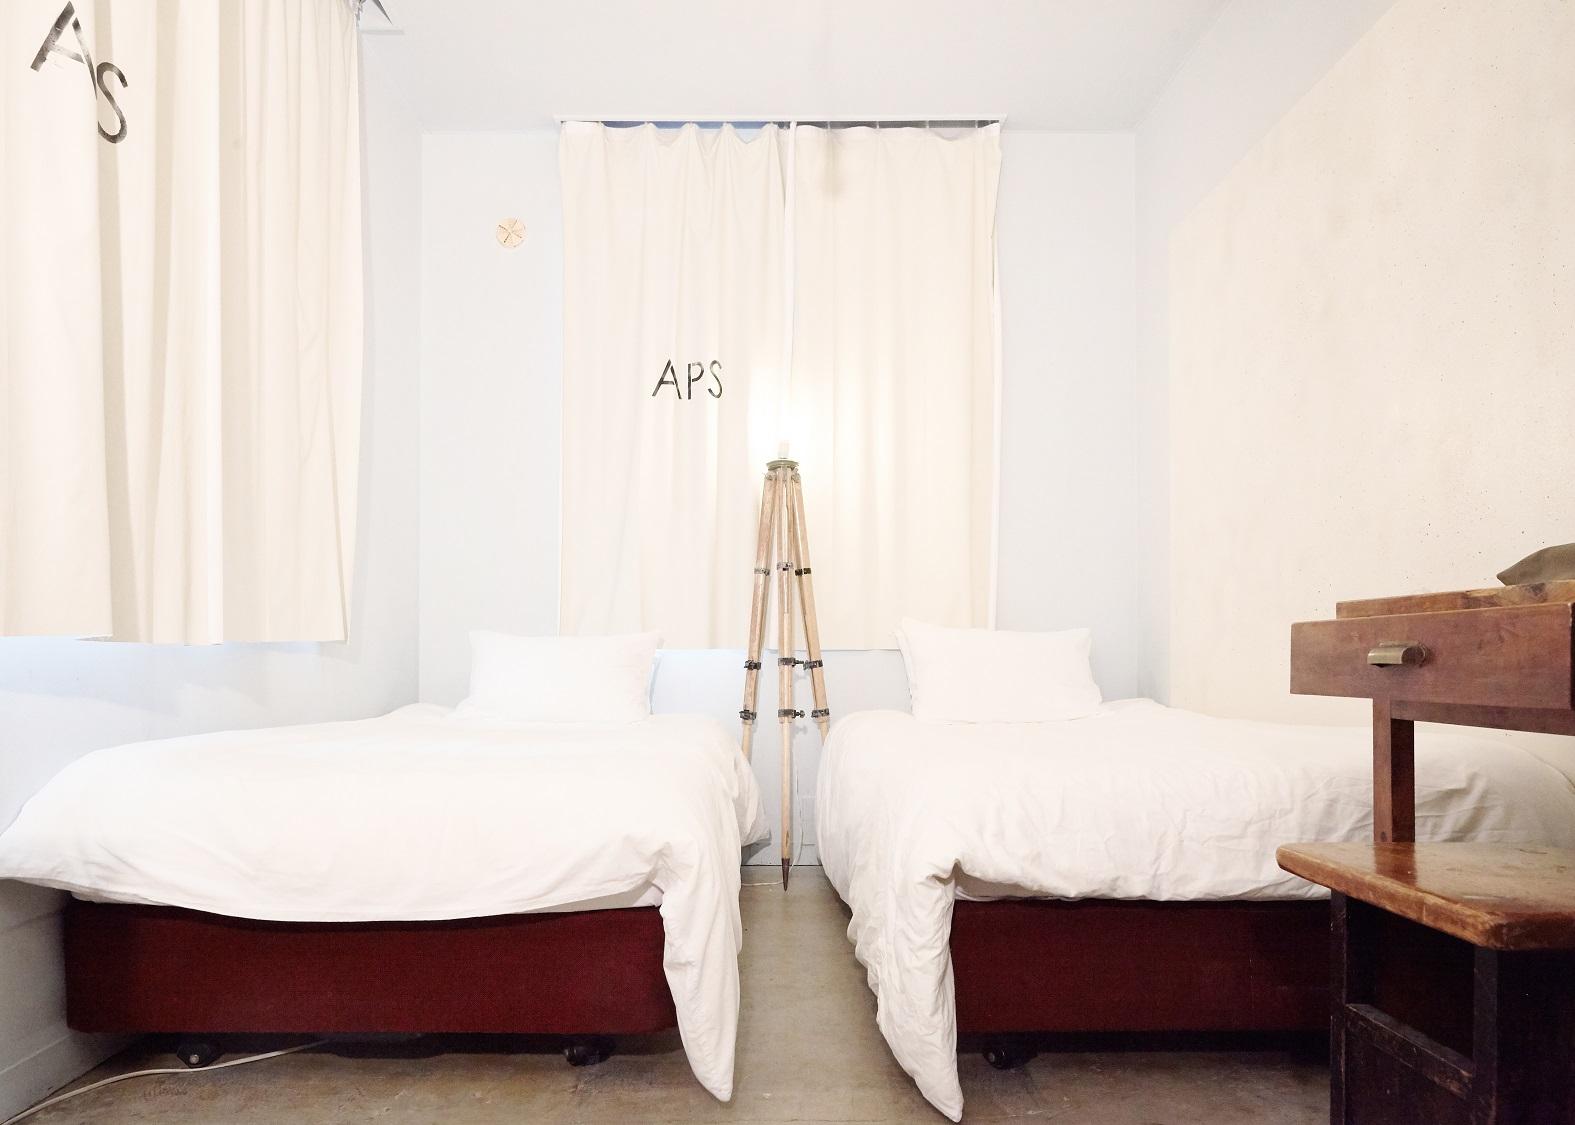 APARTMENT HOTEL SHINJUKU(アパートメントホテル シンジュク)